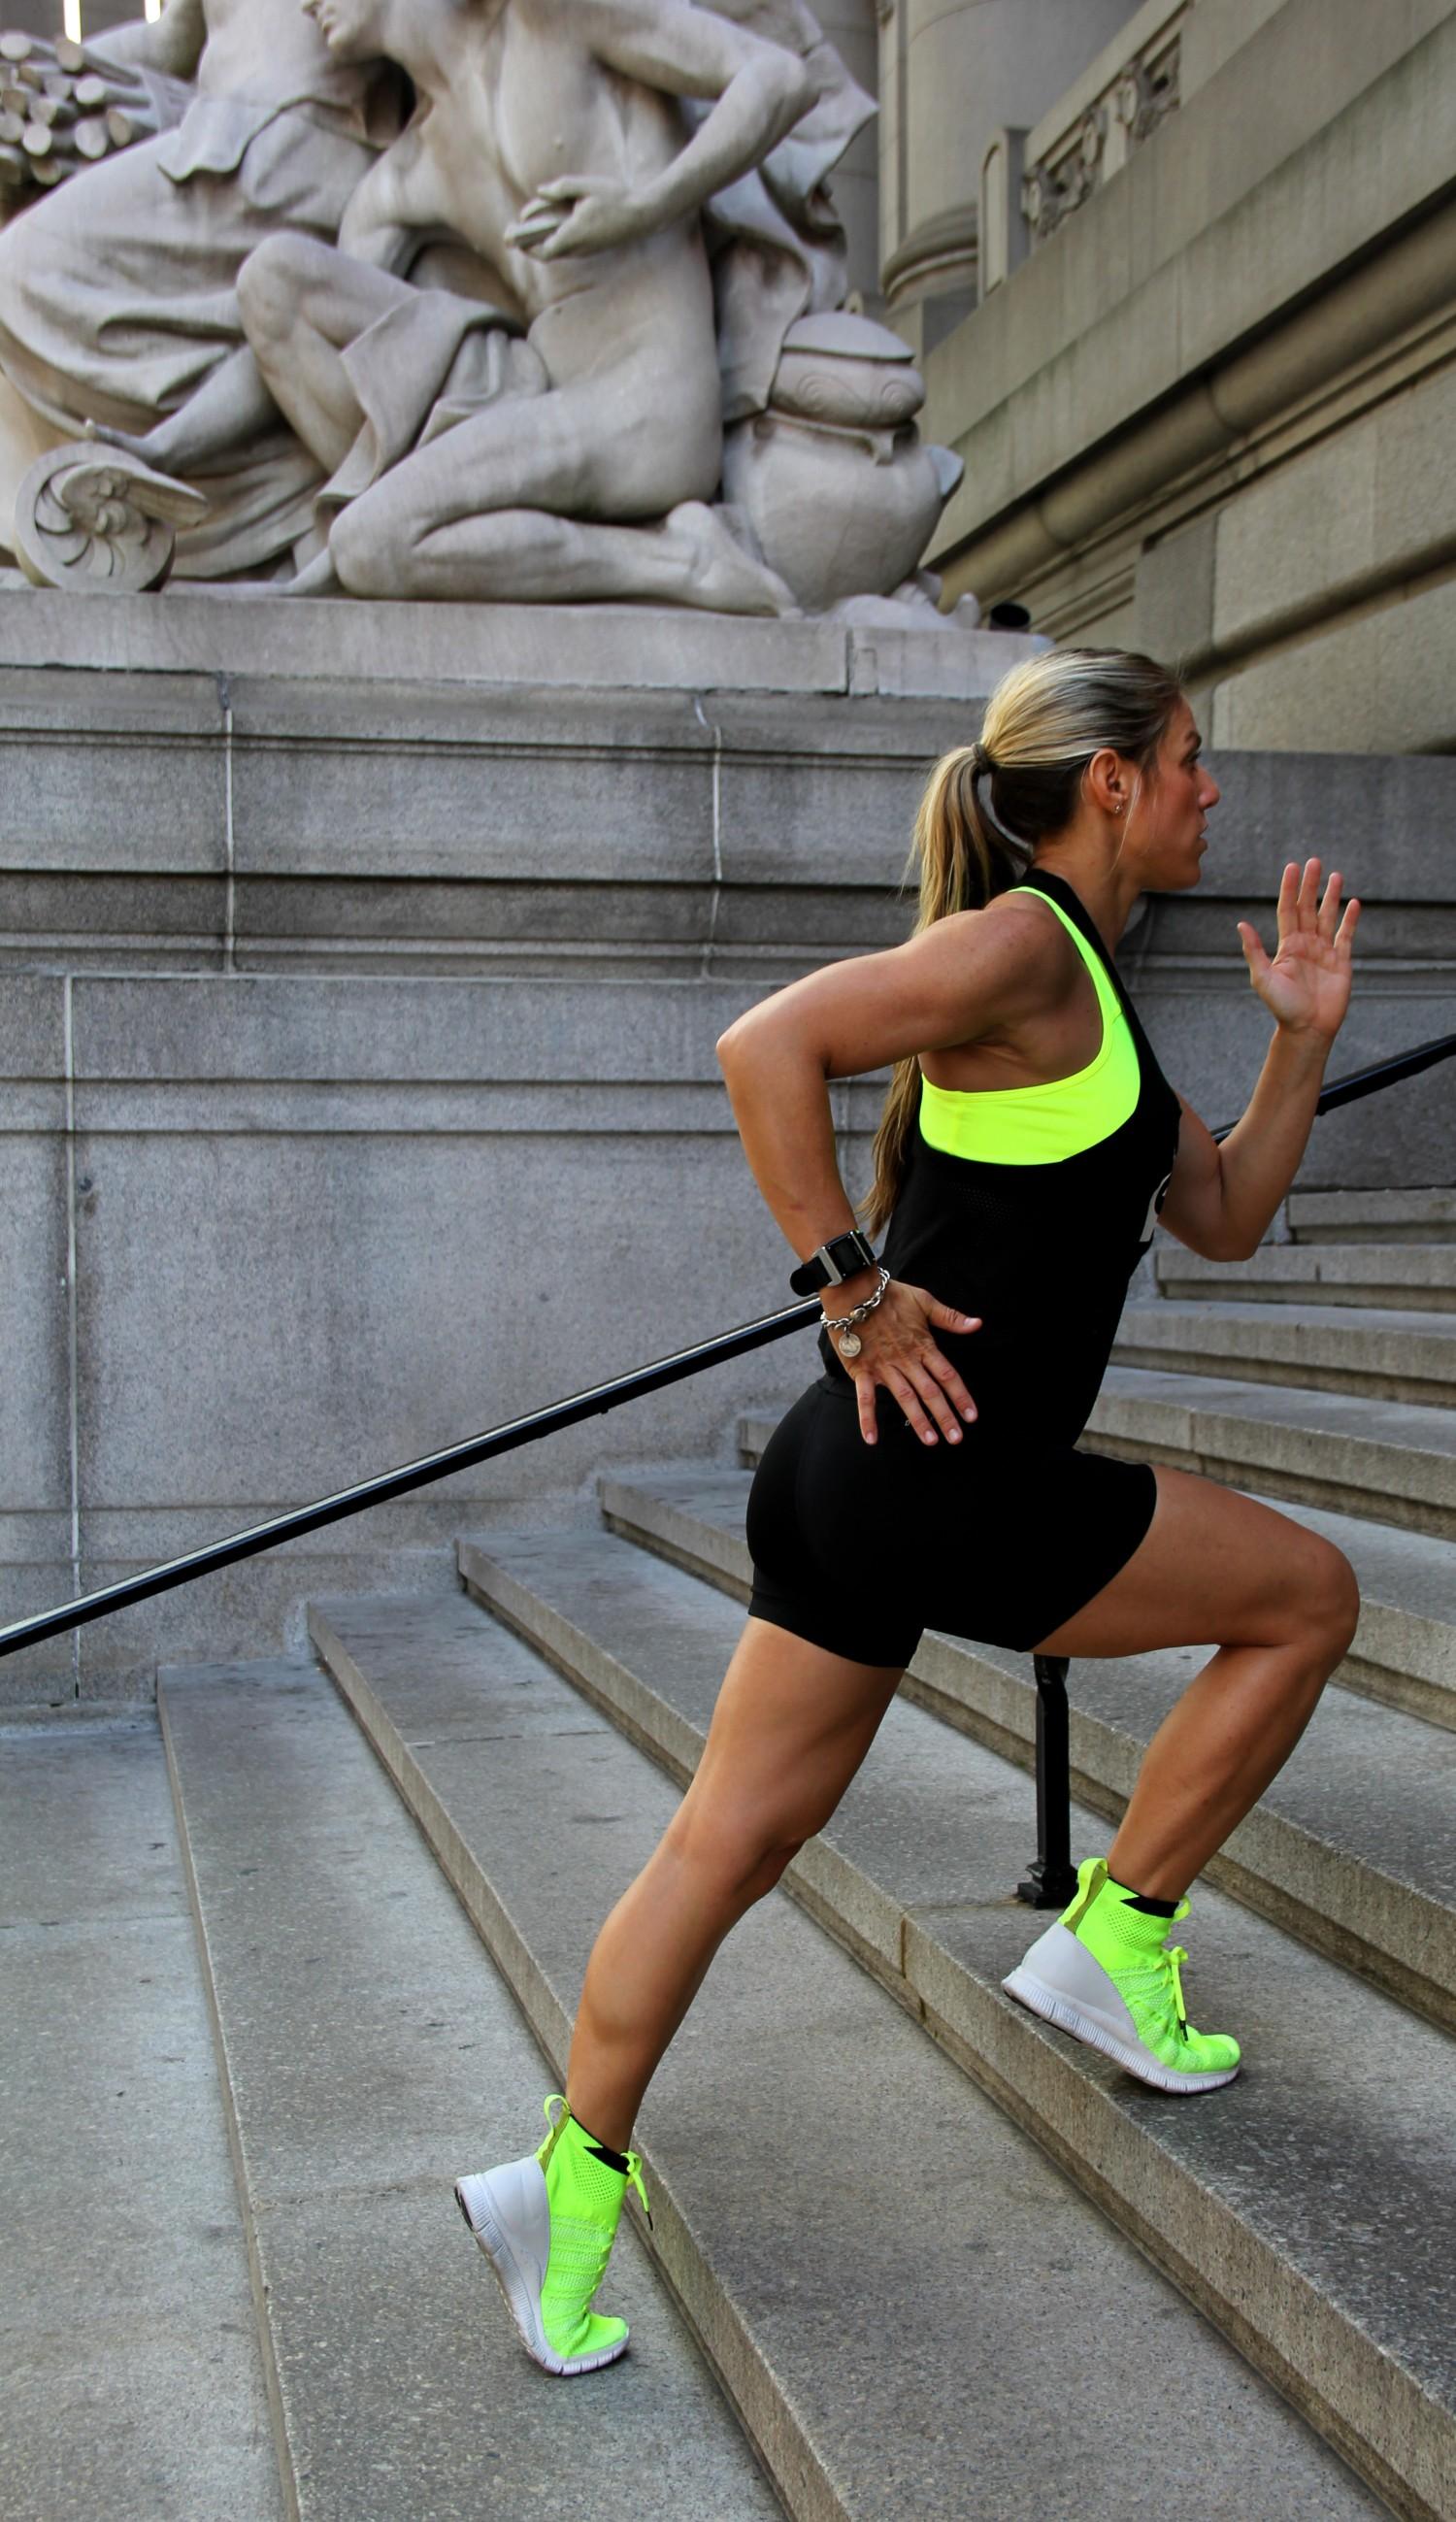 Laura Miranda Stair Training - Running